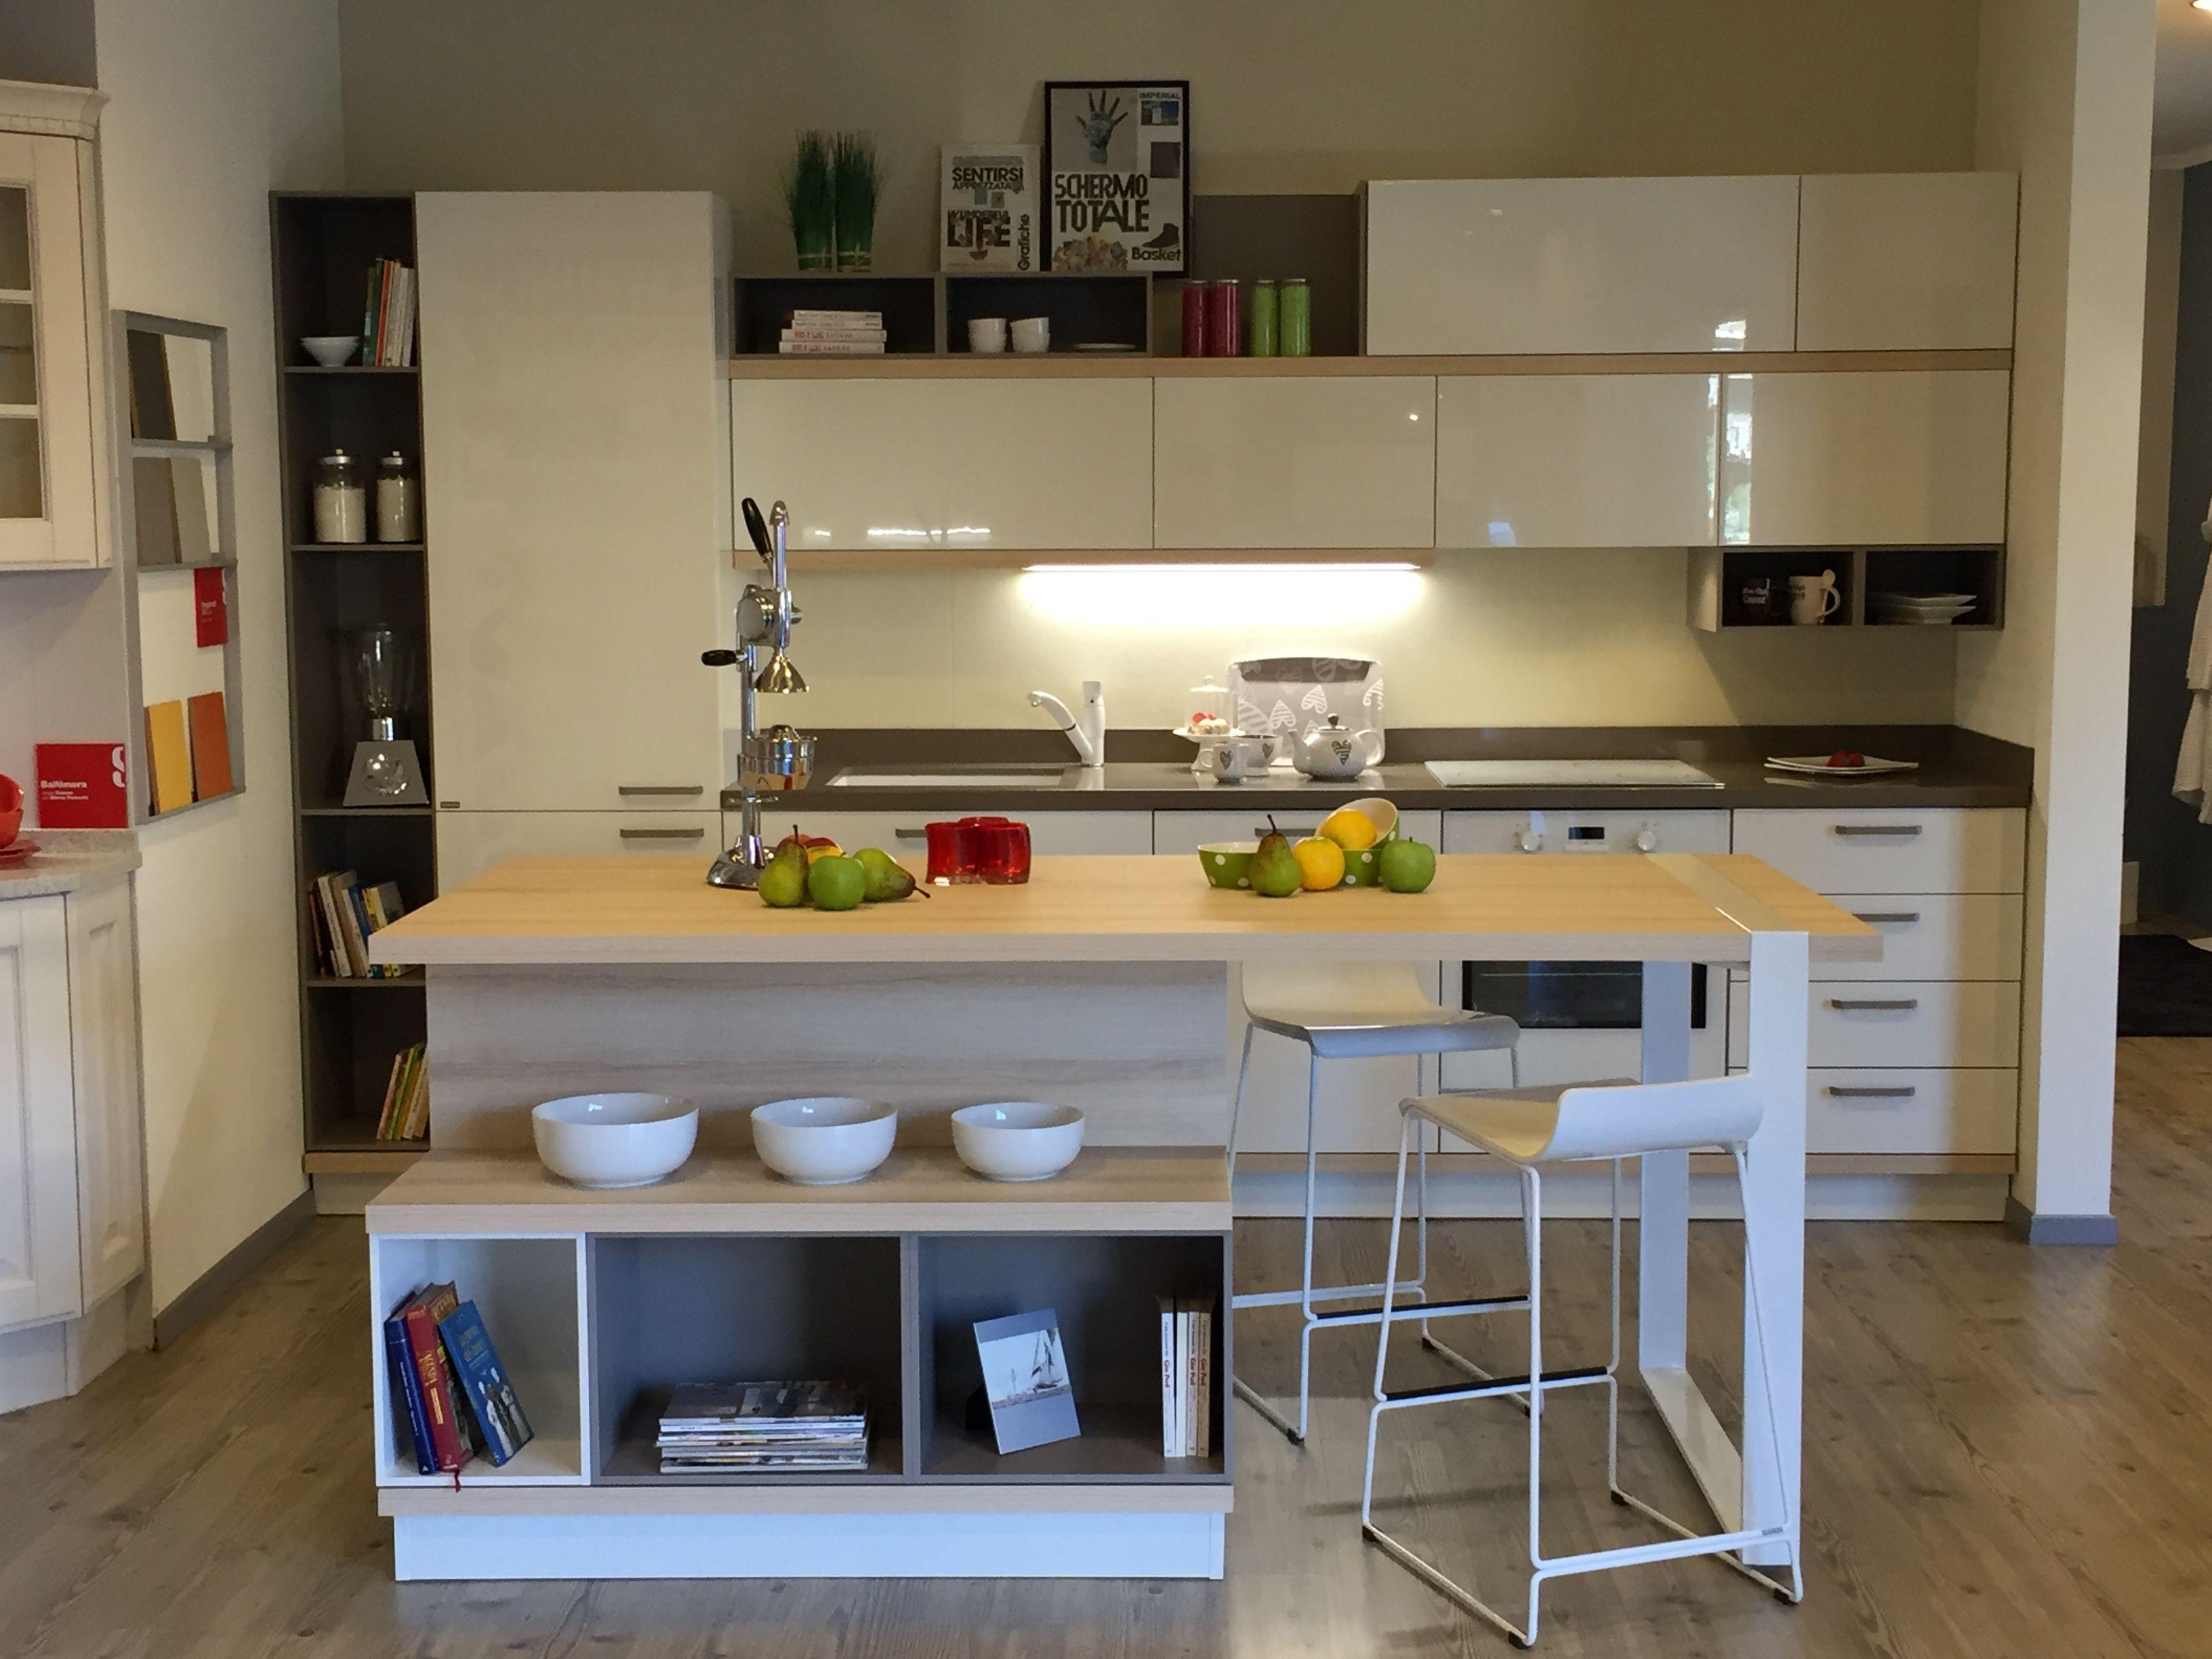 Cucina #Scavolini modello #Foodshelf: anta laccato lucido bianco ...